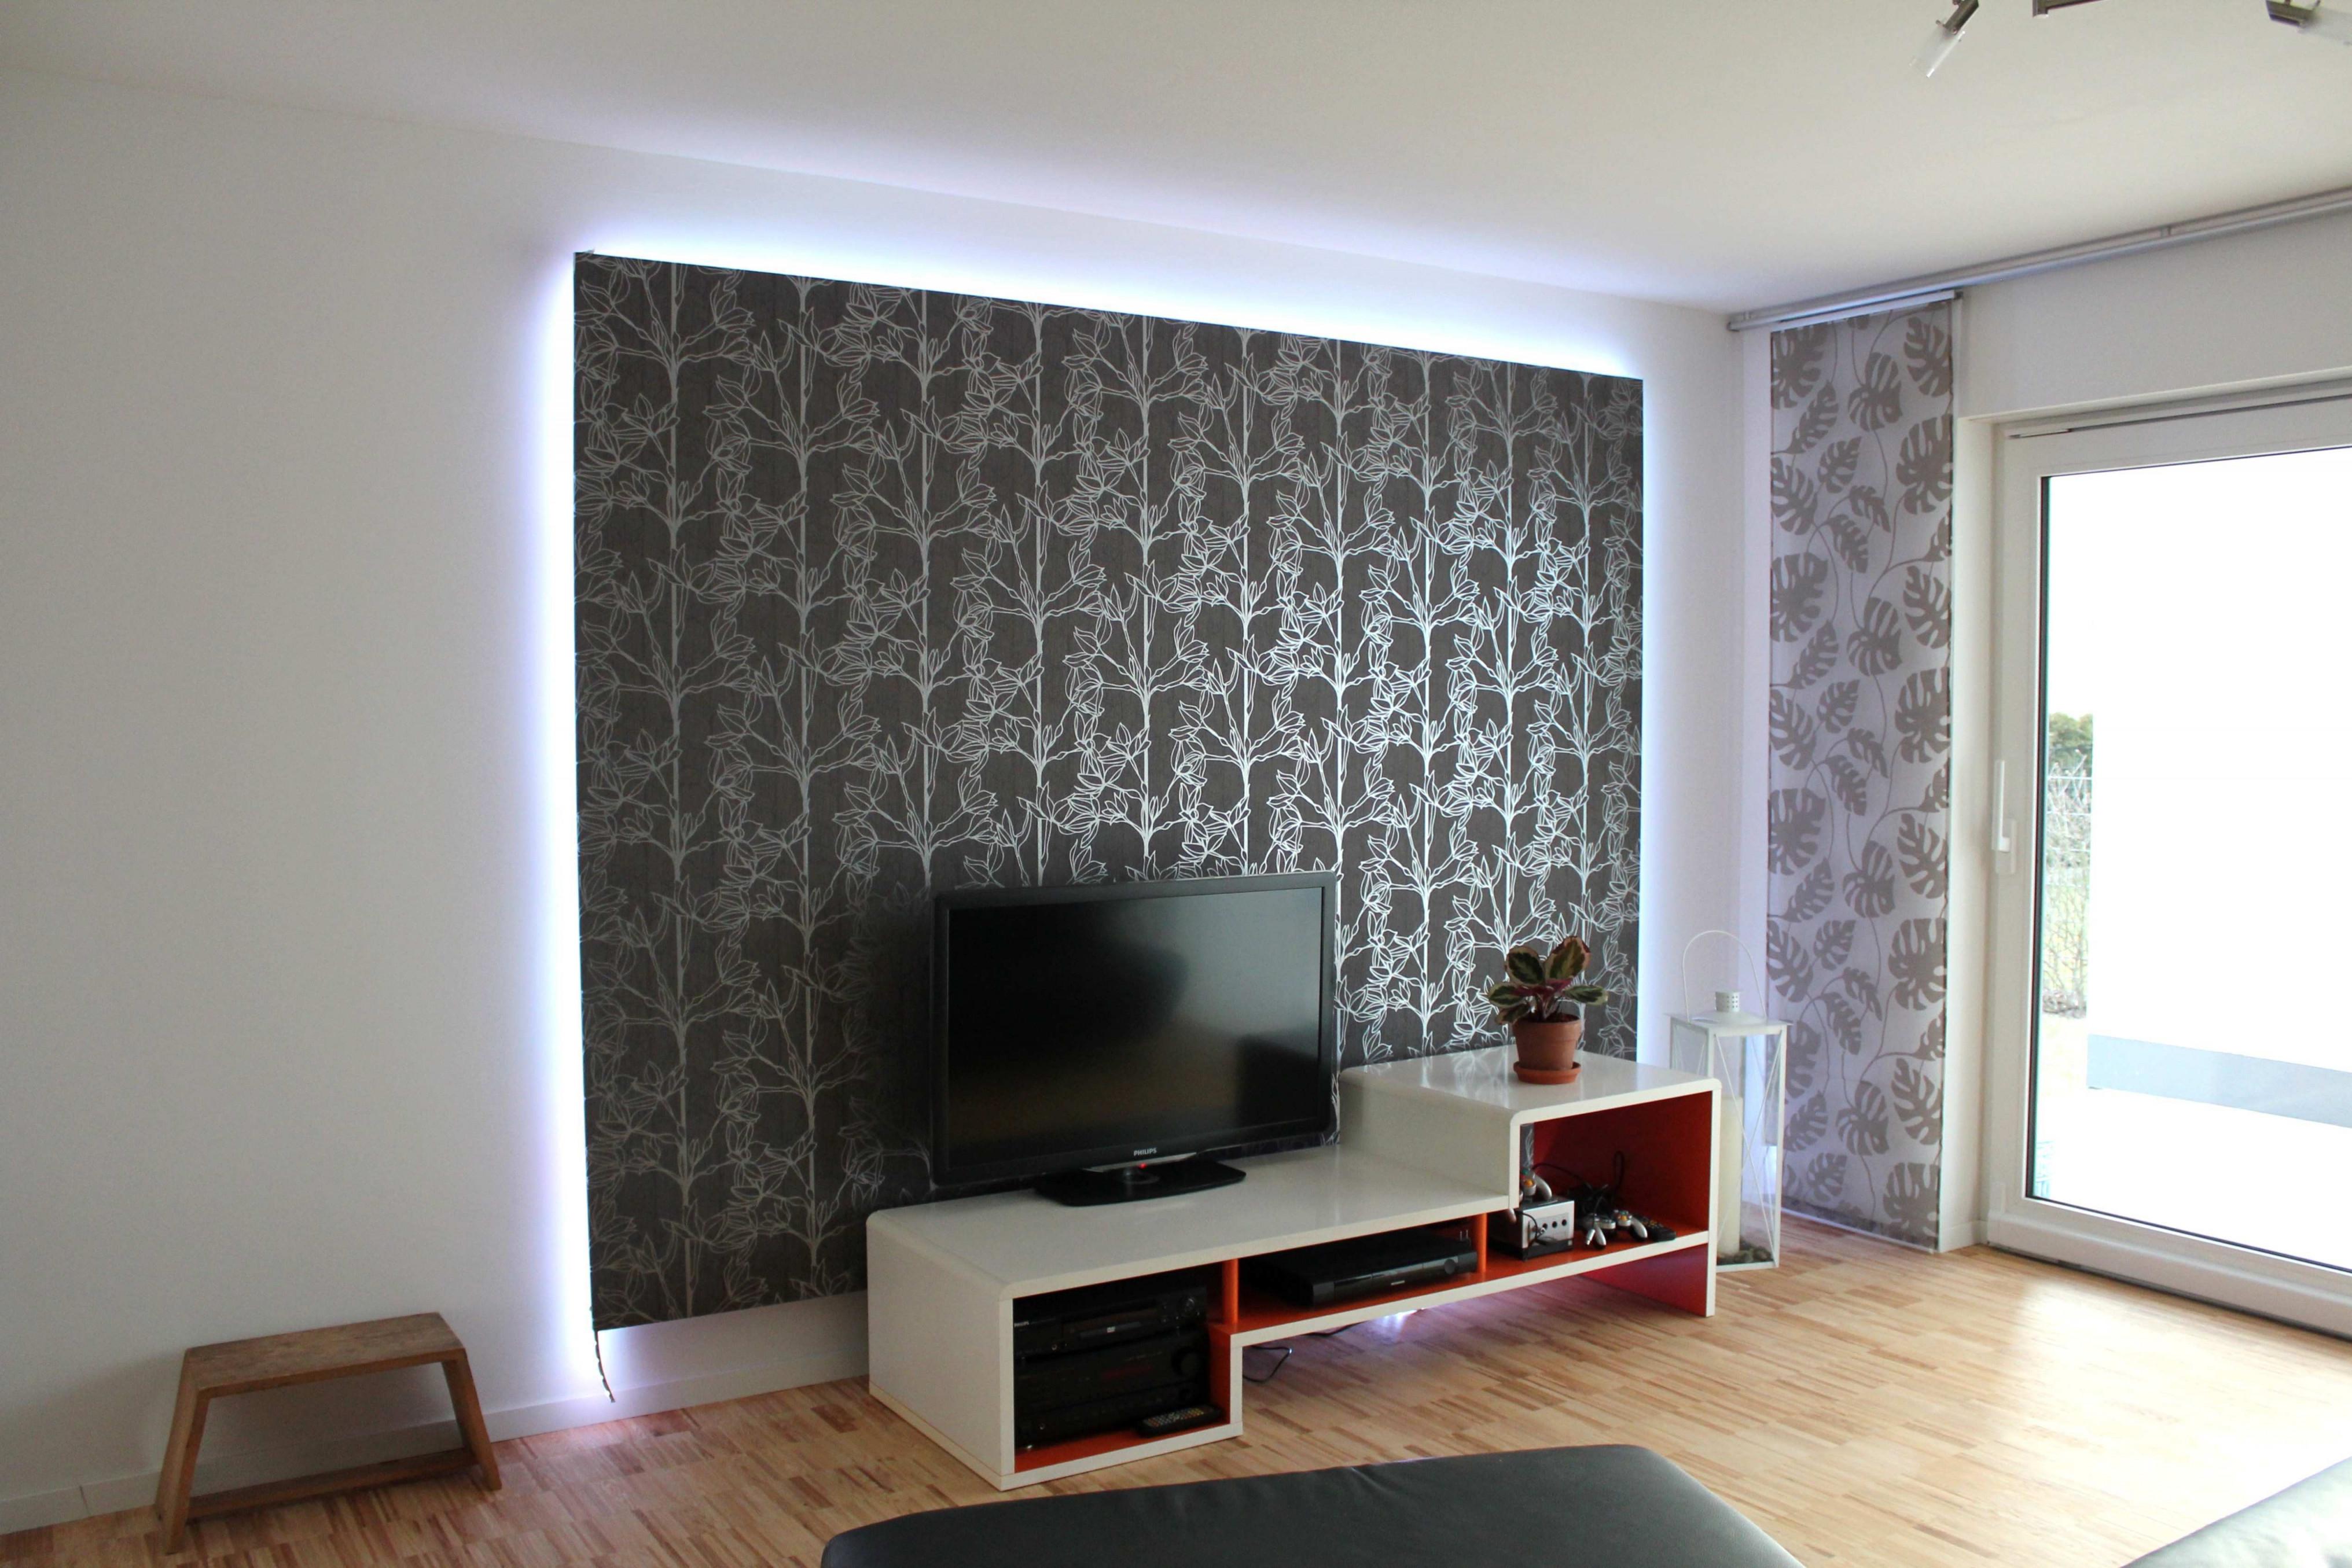 Deko Wand Wohnzimmer Elegant Wohnzimmer Wand Planen  Tolles von Deko Für Wohnzimmer Wand Photo